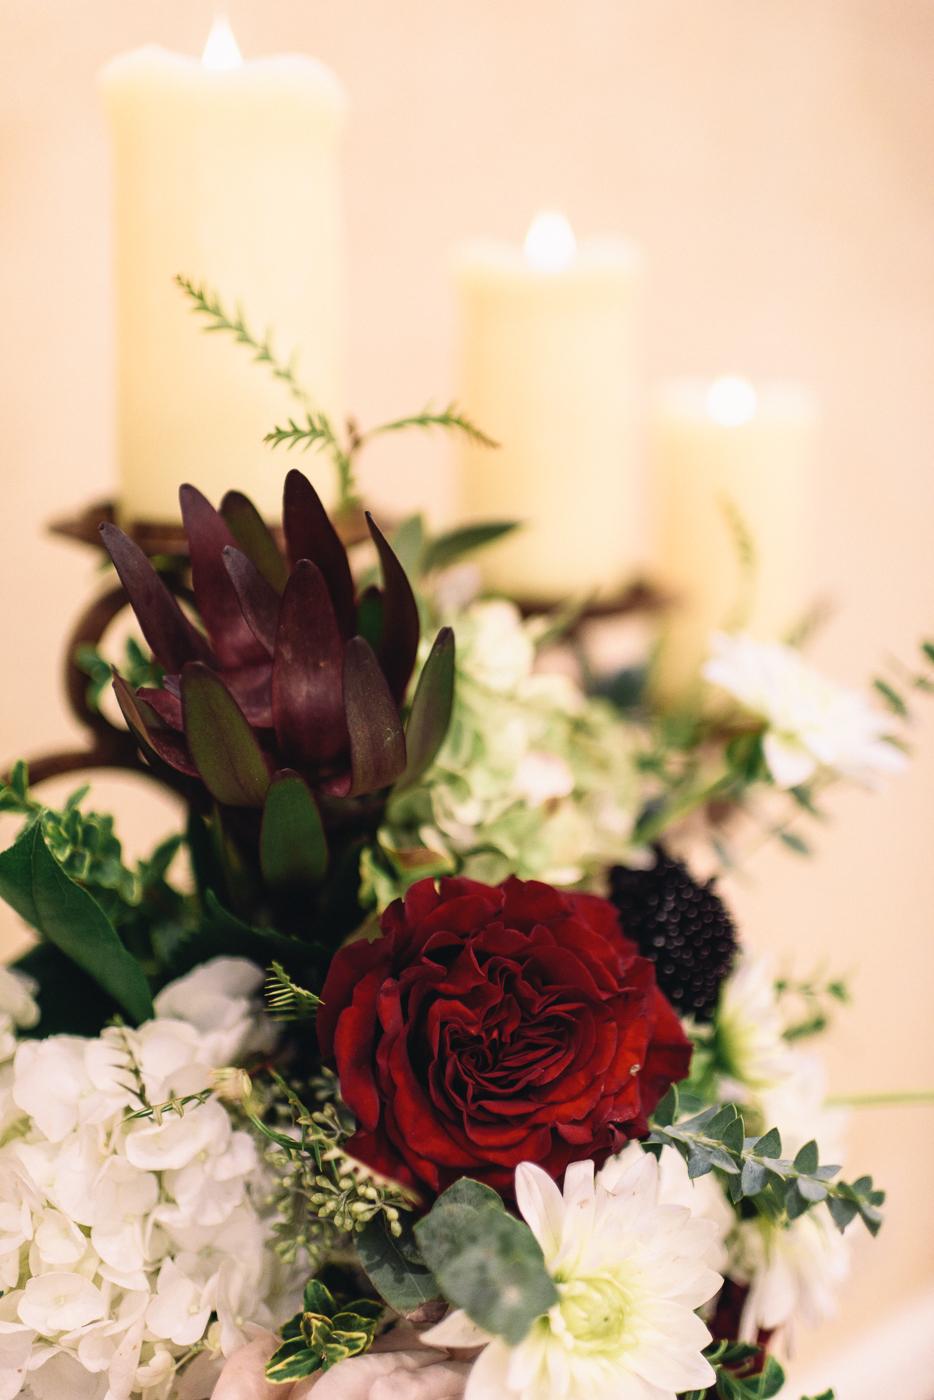 magnolia.texas.wedding (3 of 3).jpg